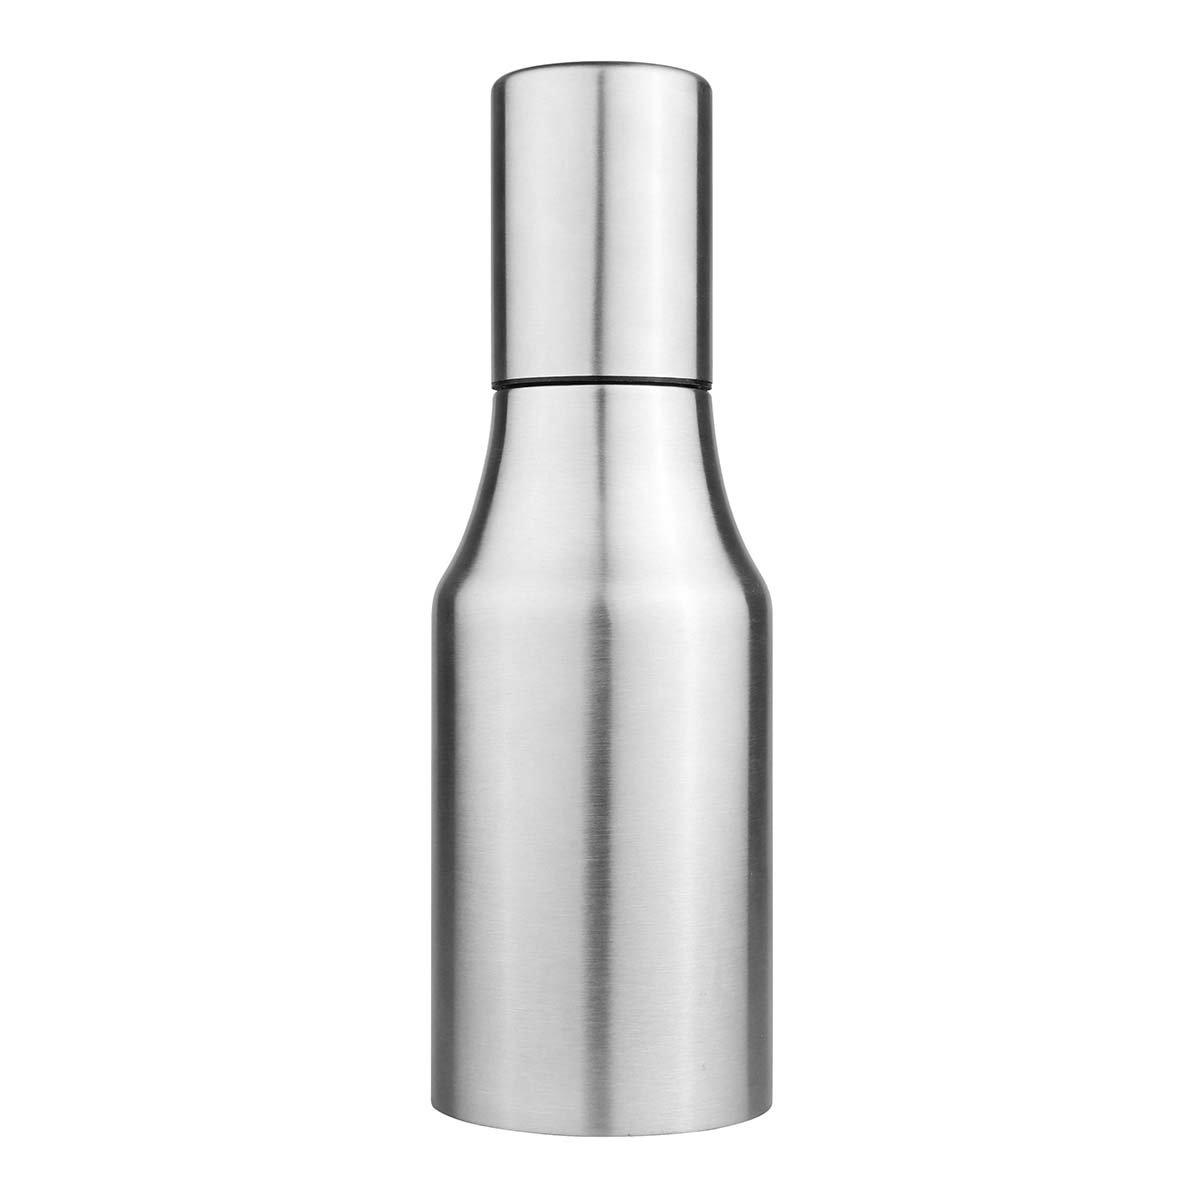 Oil Dispenser, Powstro Stainless Steel Olive Oil/Vinegar/Sauce Cruet,Essential Oil Bottle Edible Oil Container Pot, Leak-proof Oil Pot (500ml)